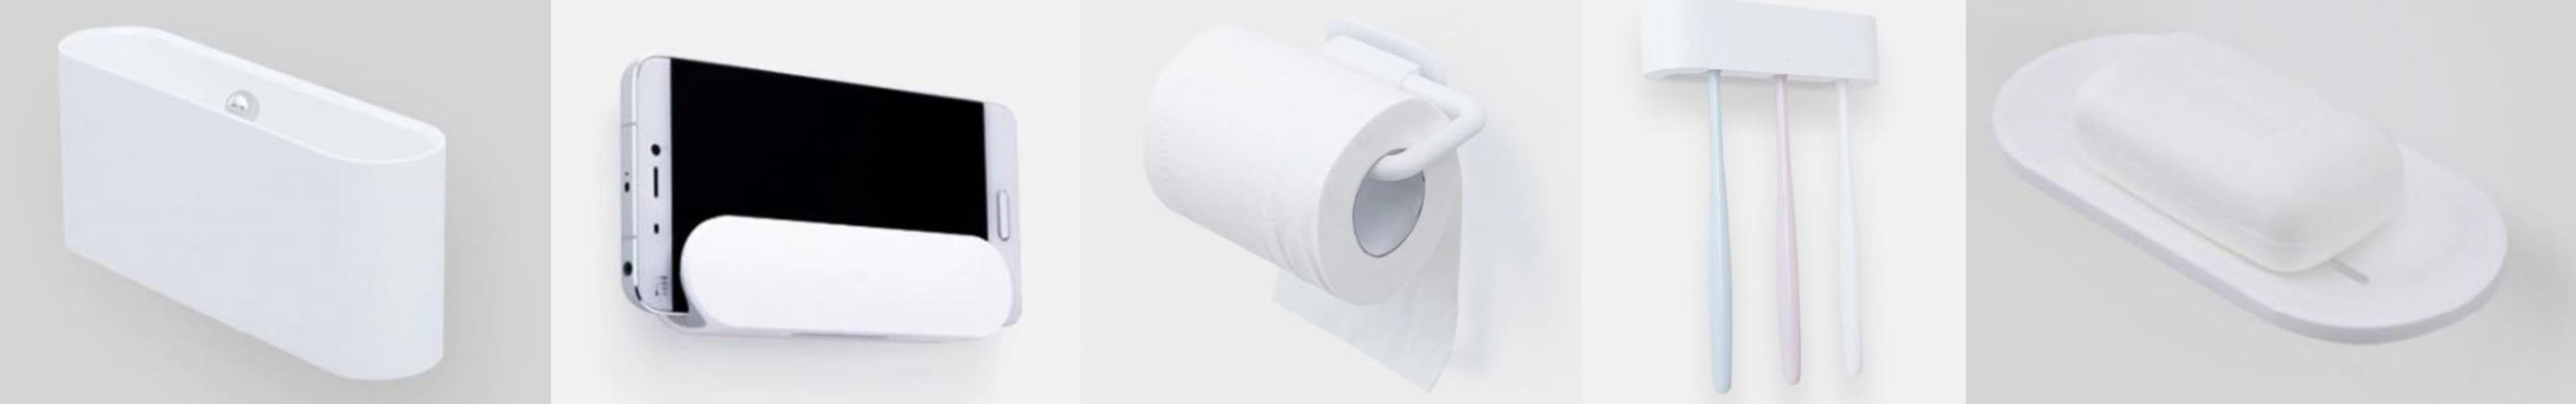 Xiaomi Badezimmer-Set einzeln